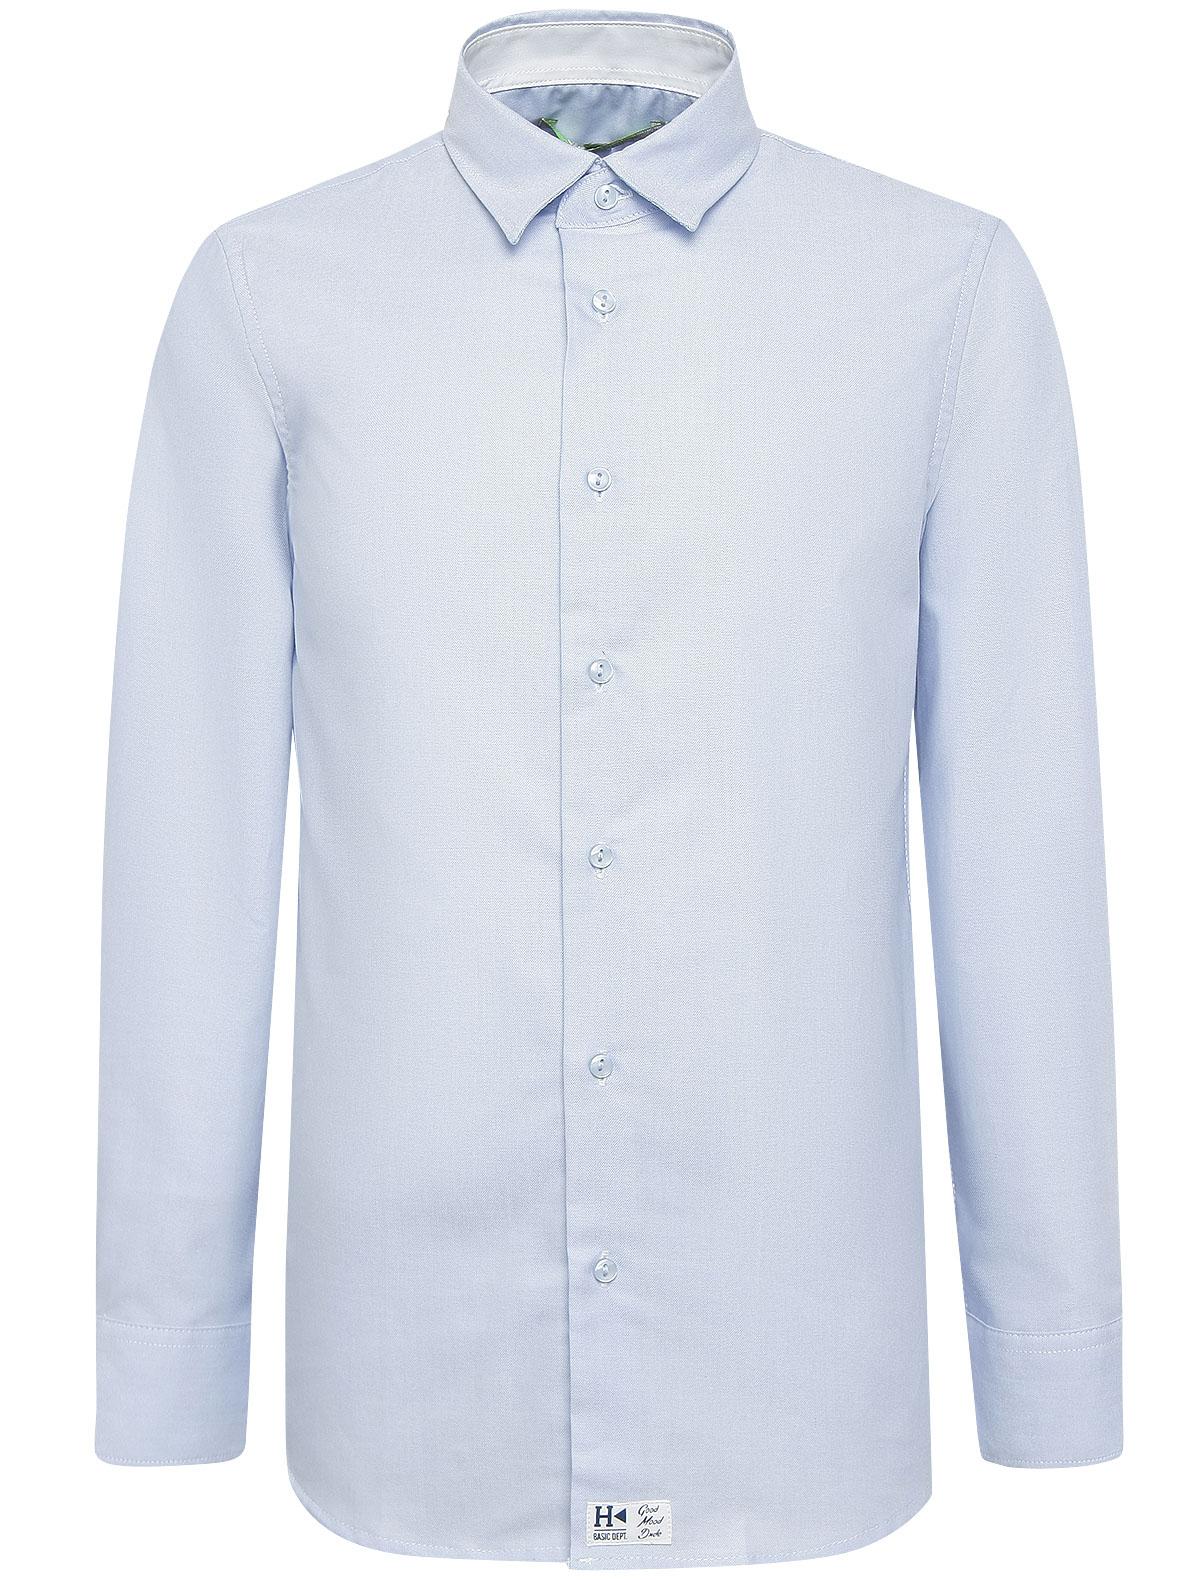 Купить 1863944, Рубашка SILVIAN HEACH Kids, голубой, Мужской, 1011519871233